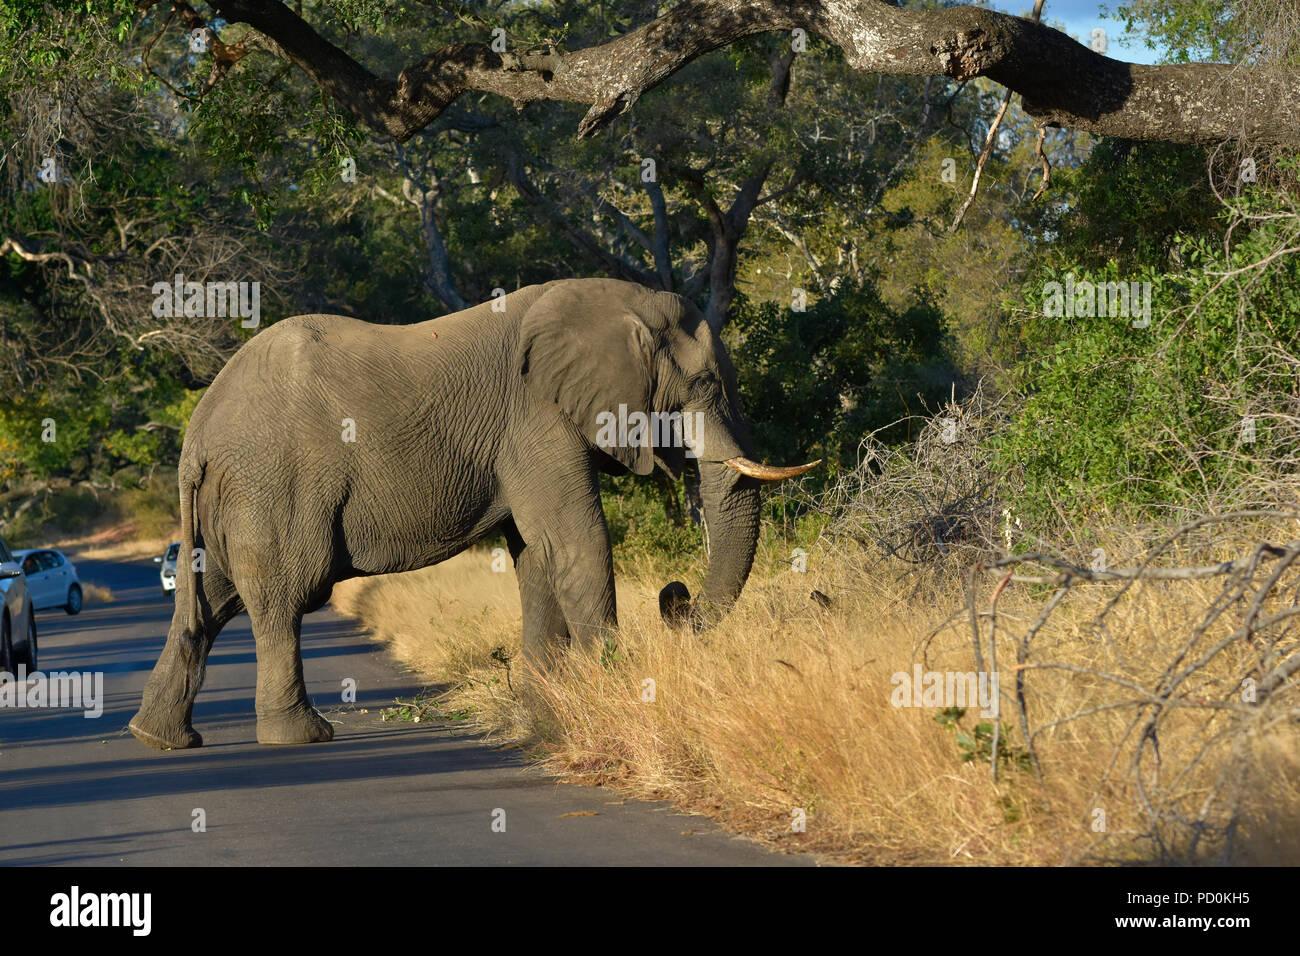 Südafrika, ein fantastisches Reiseziel Dritter und Erster Welt gemeinsam zu erleben. Elefantenbulle Straße Block im Kruger National Park. Stockbild